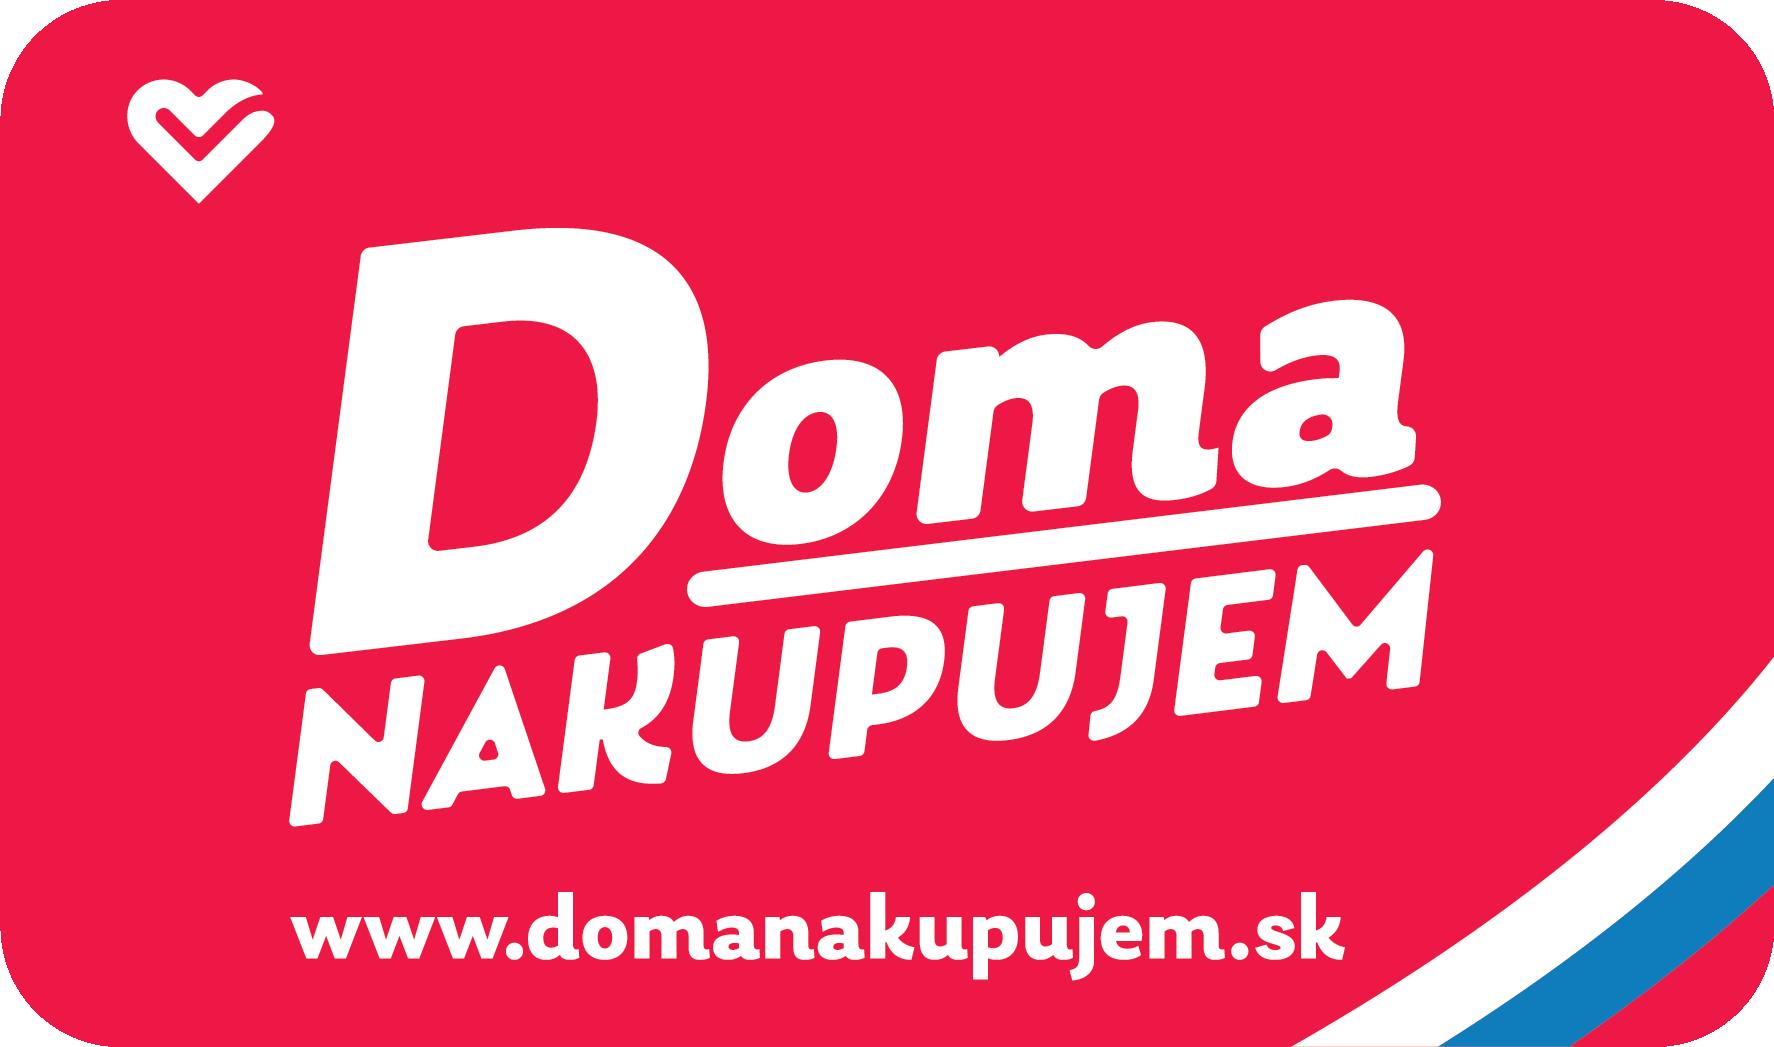 Iniciatíva Doma nakupujem Slovenská sporiteľňa | For a Healthy Life